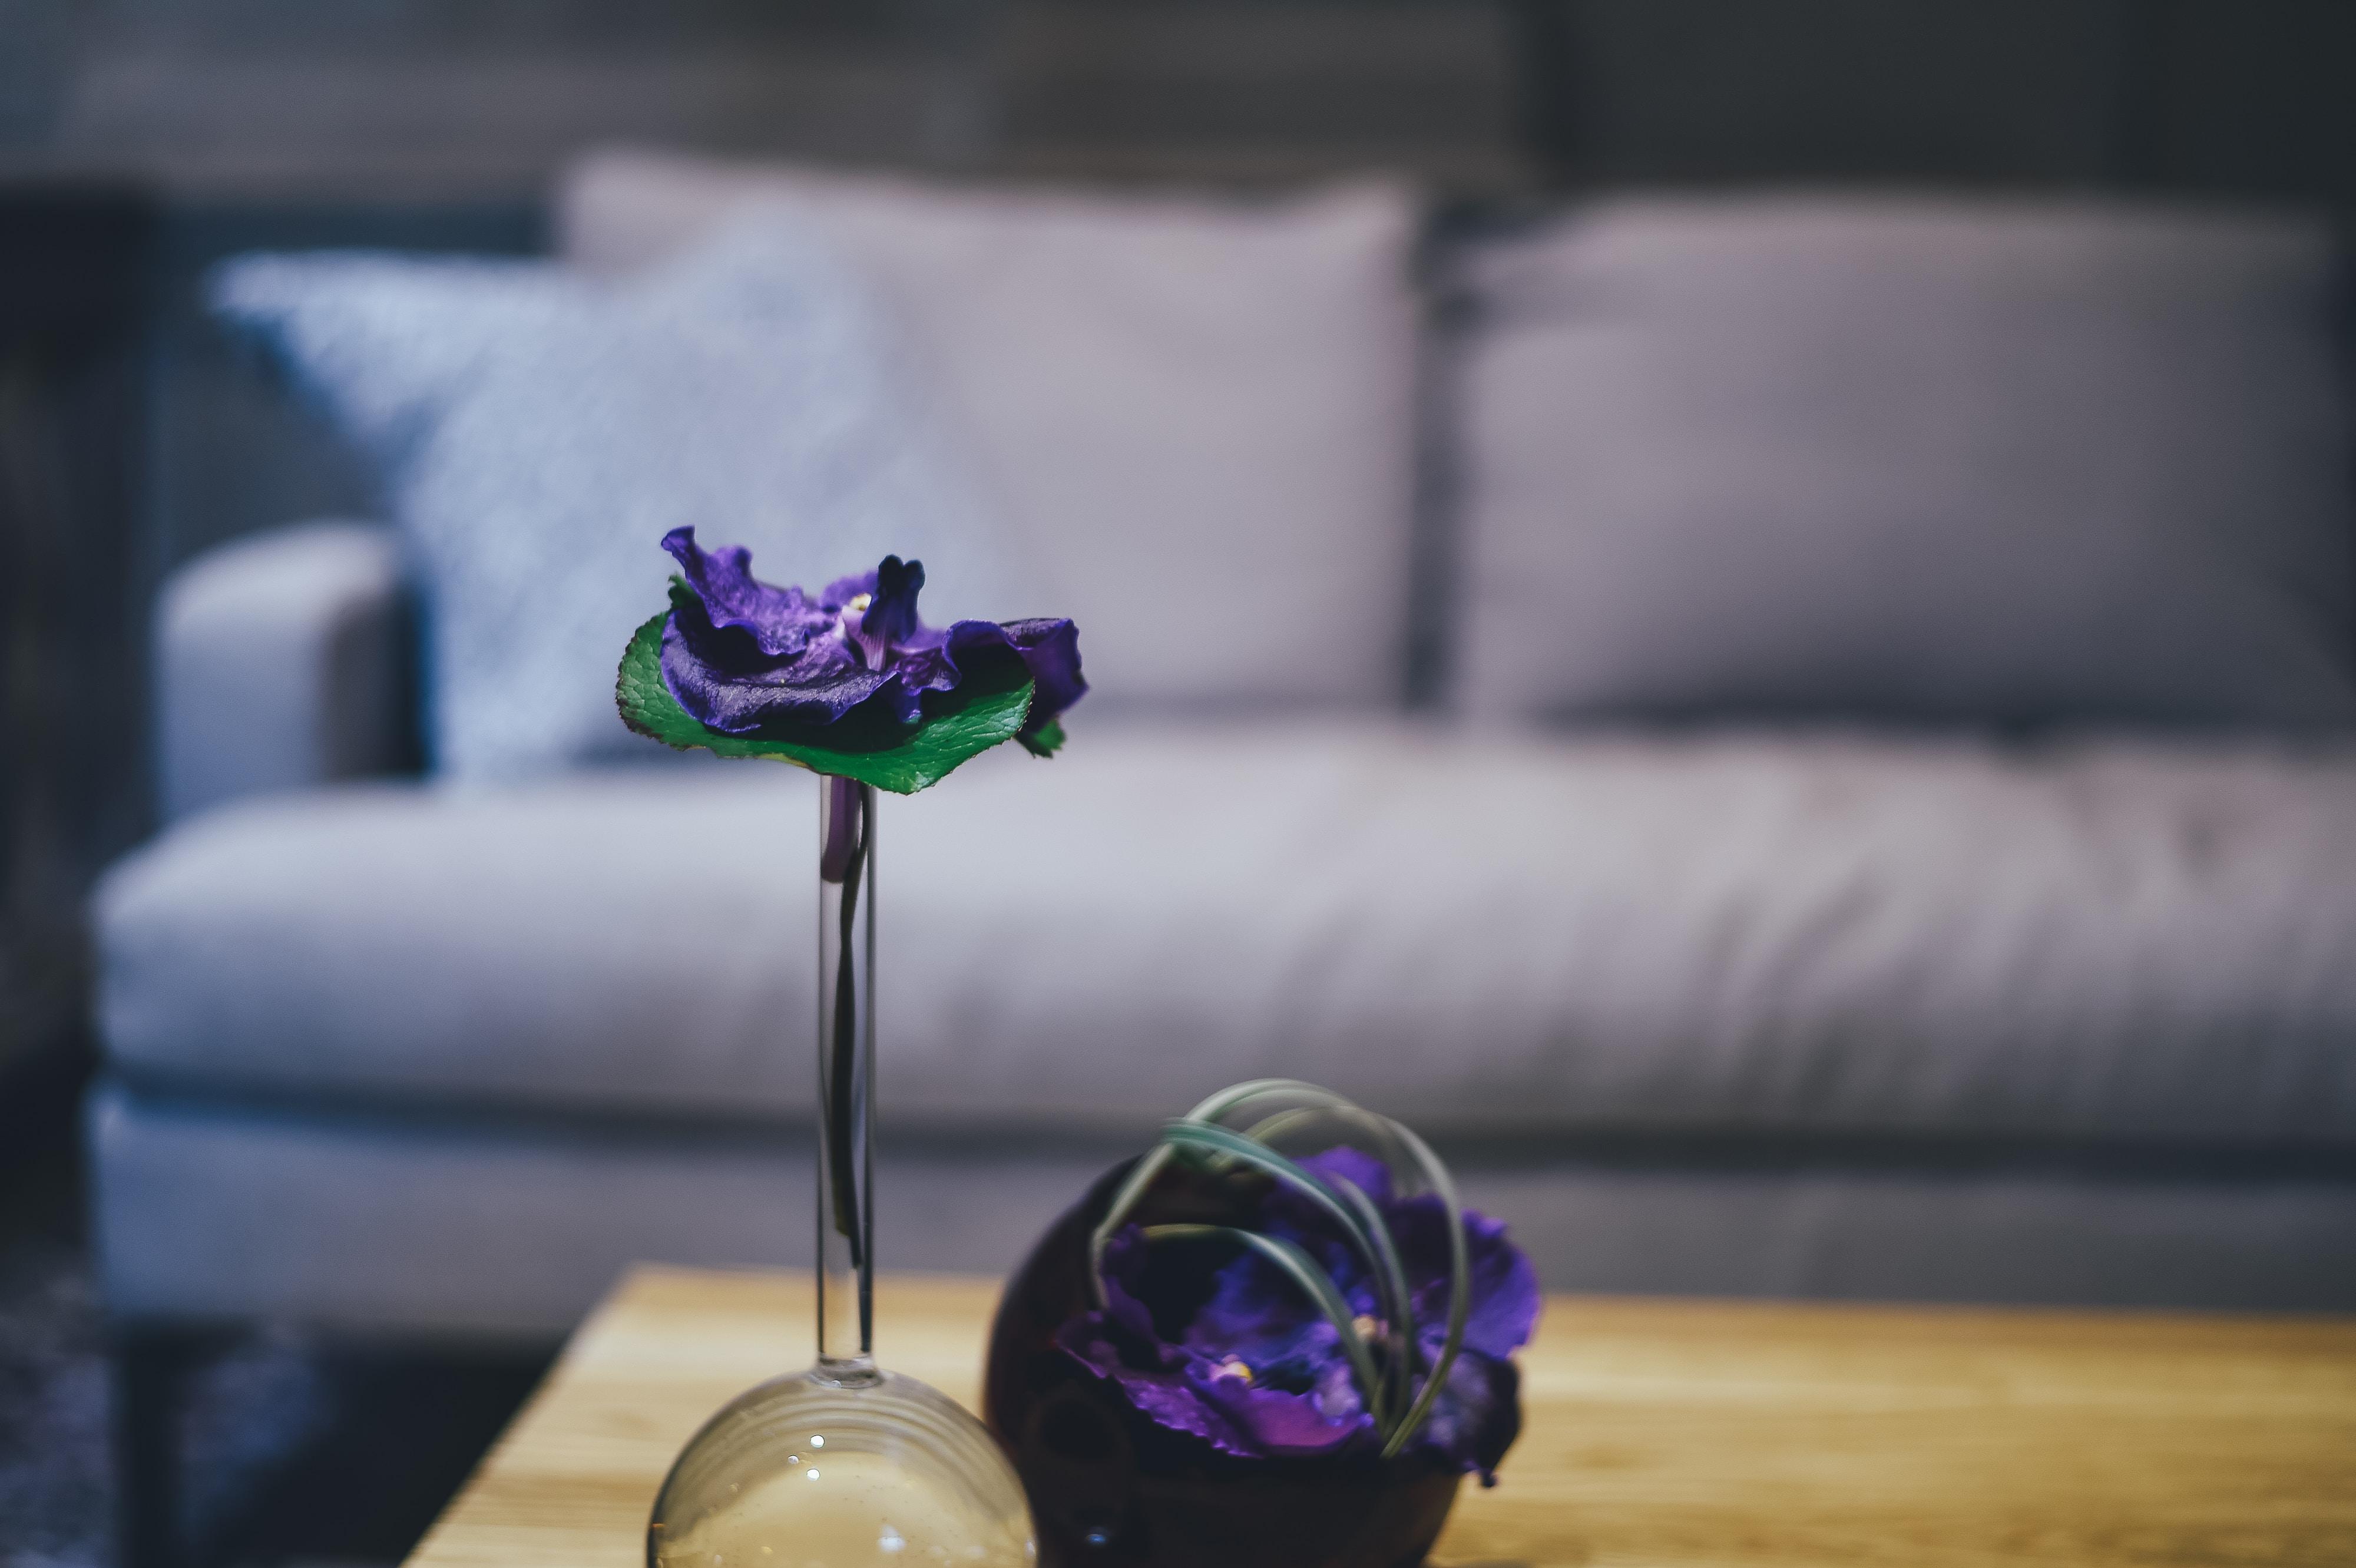 purple petaled flower on clear glass vase & Flower Vase Pictures [HD]   Download Free Images on Unsplash